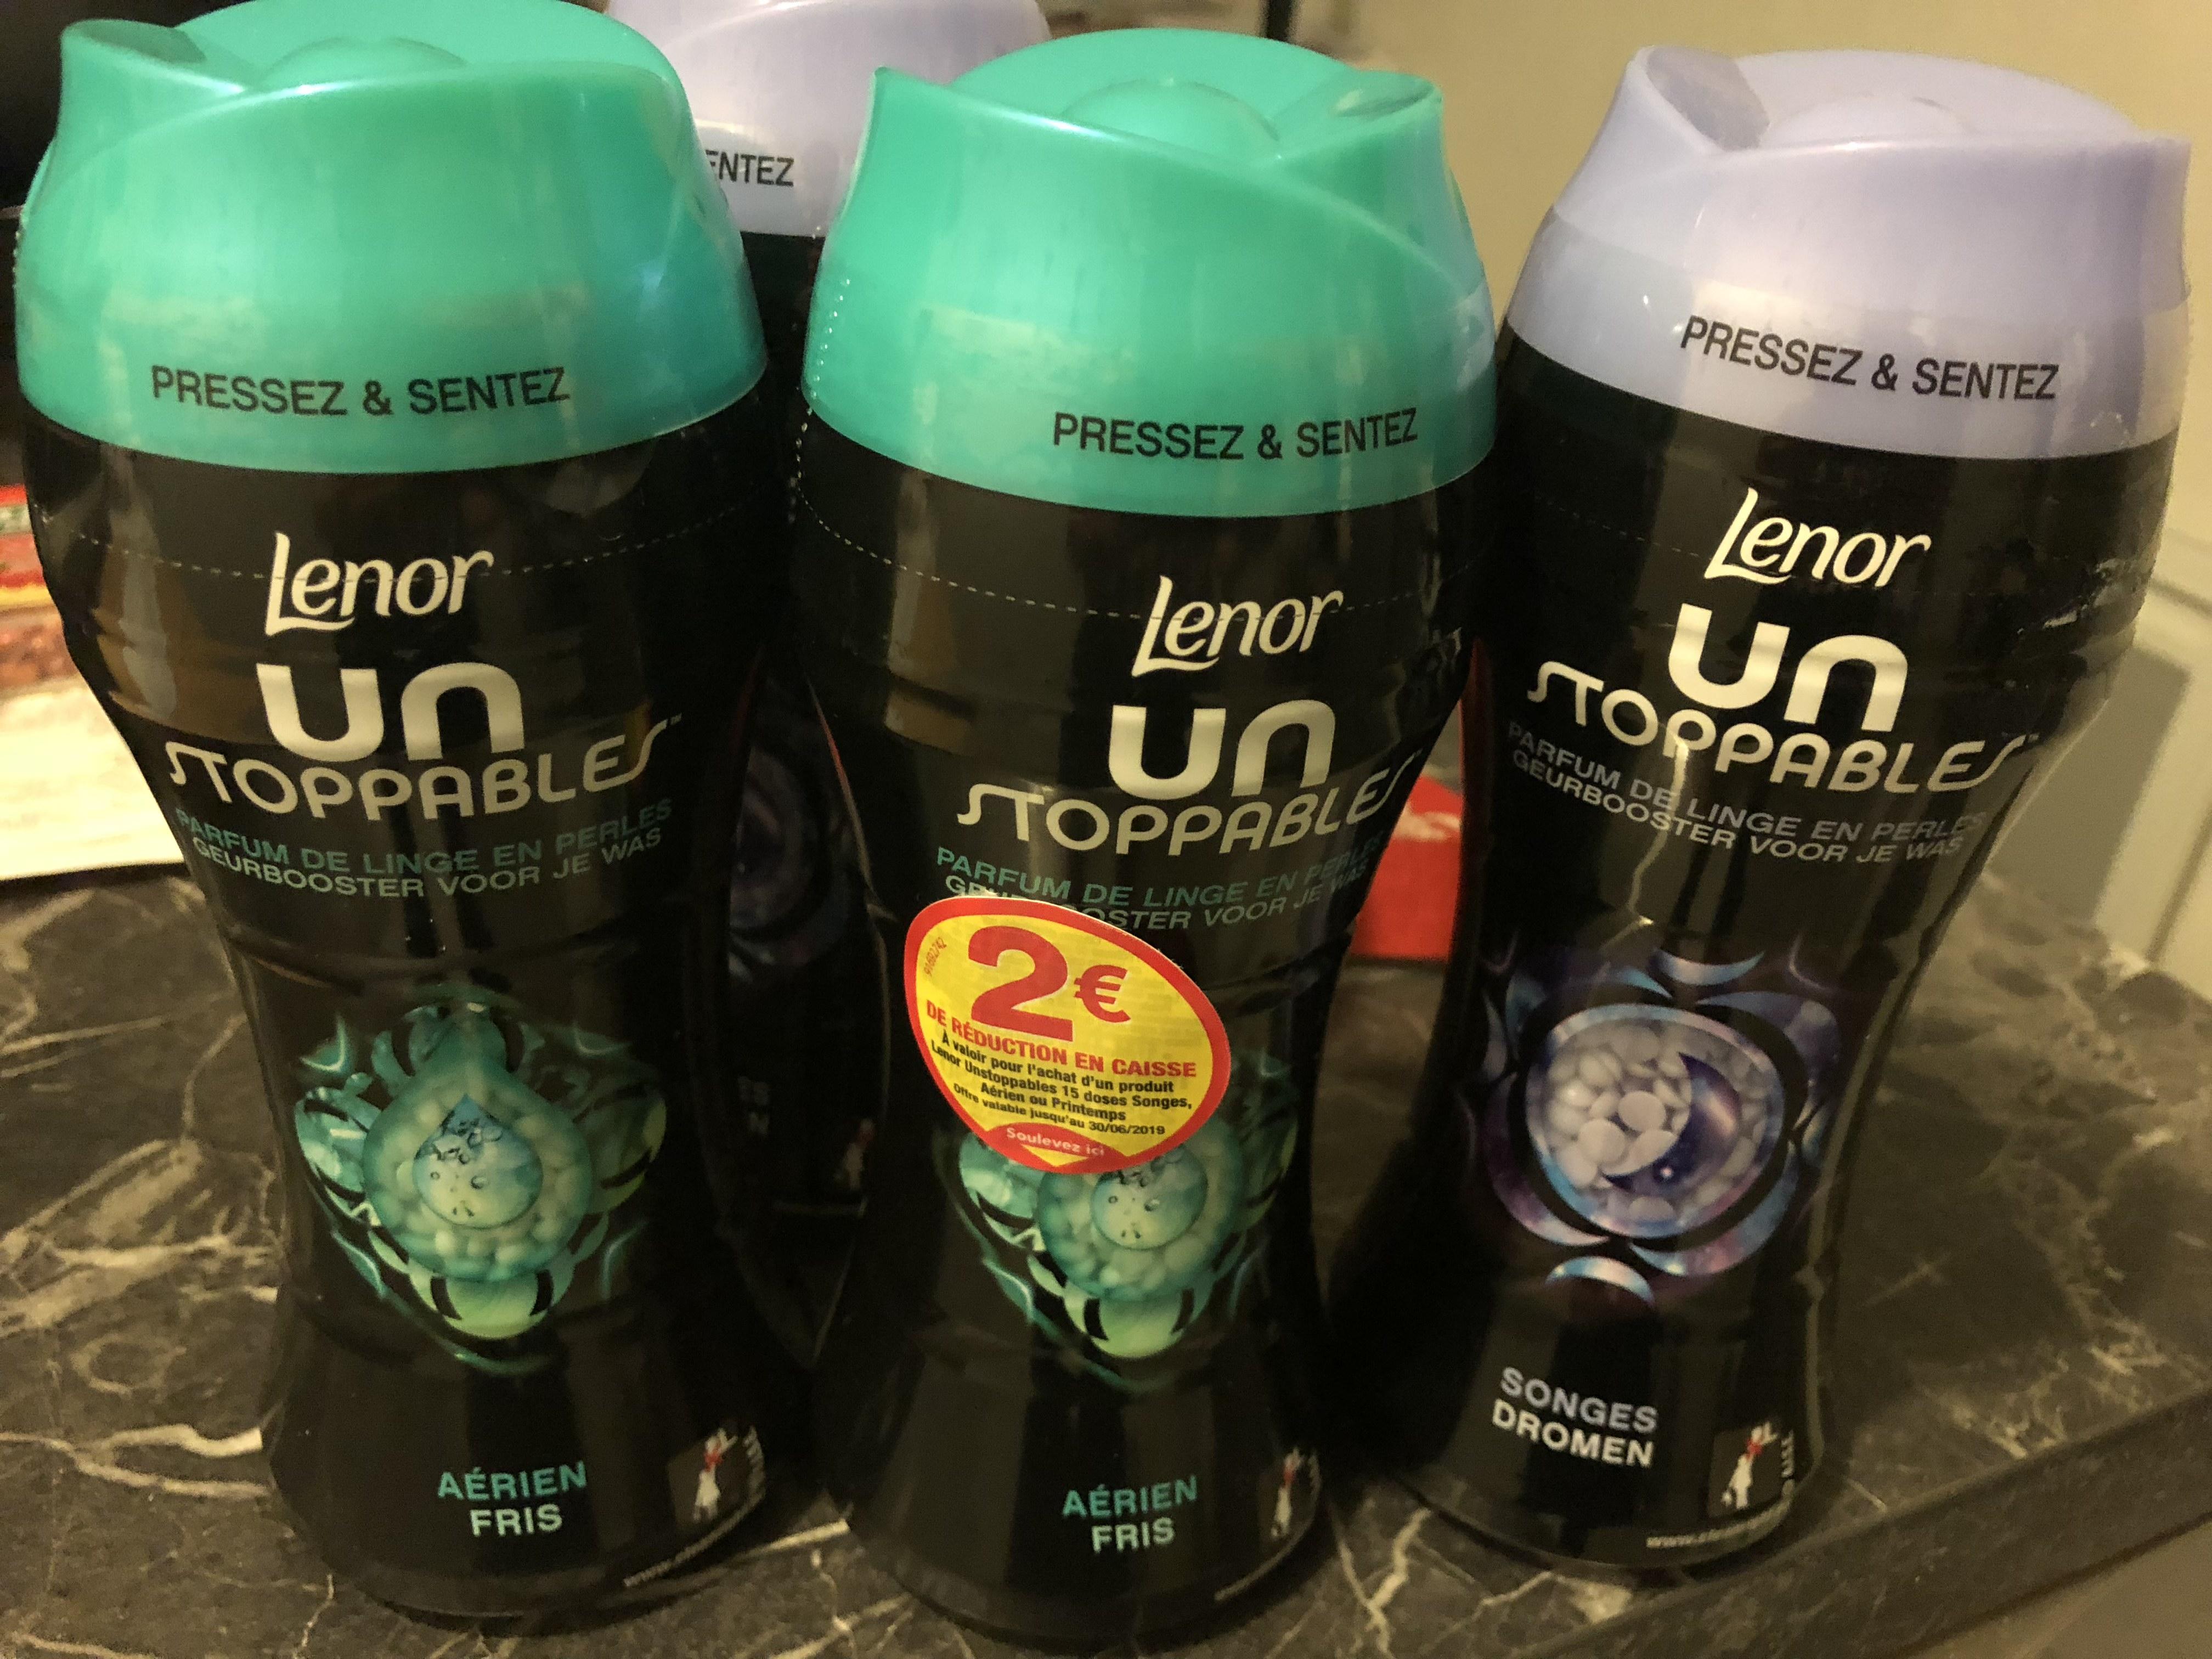 [Carte bancaire ou fidélité Casino] Lot de 4 Parfums de Linge Lenor Unstoppables - Adoucissant (via BDR) Narbonne (11)